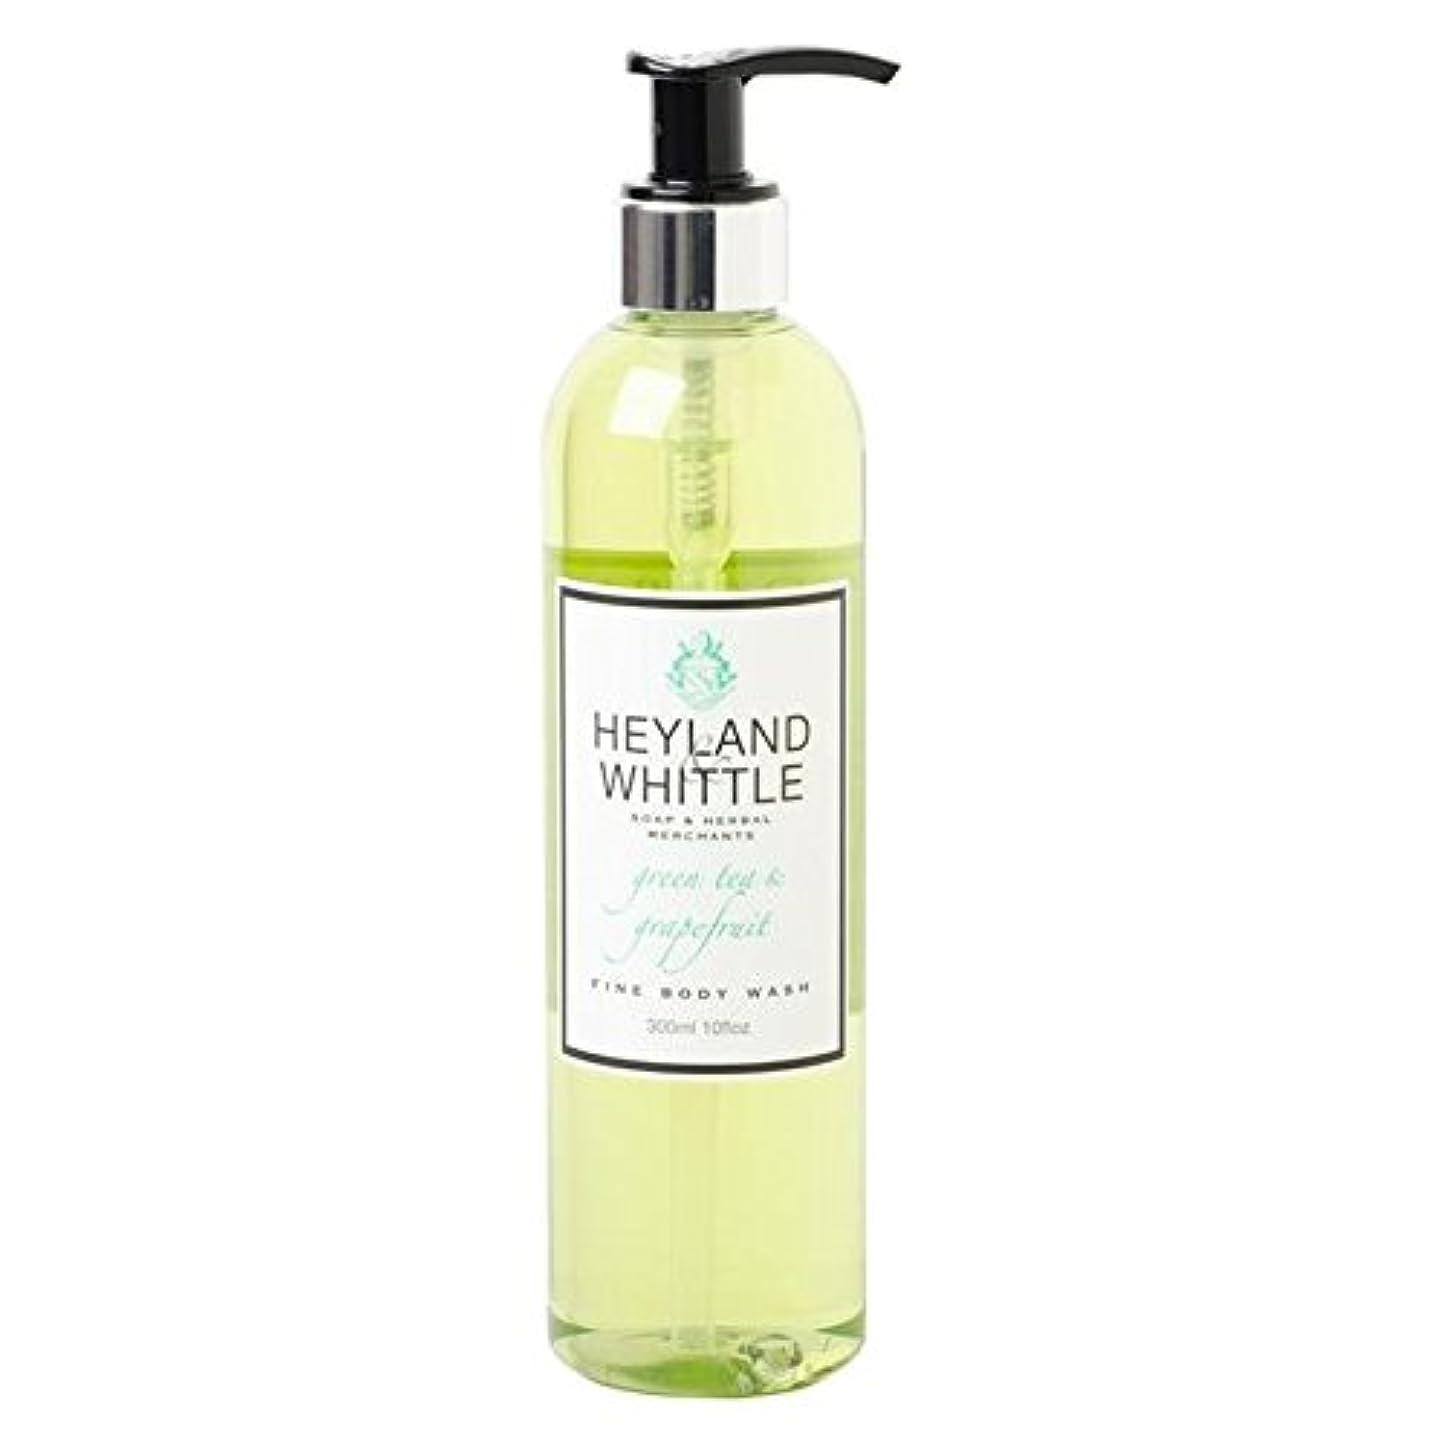 パーツコントローラ数学的なHeyland & Whittle Greentea & Grapefruit Body Wash 300ml (Pack of 6) - &削るグリーンティ&グレープフルーツボディウォッシュ300ミリリットル x6 [...